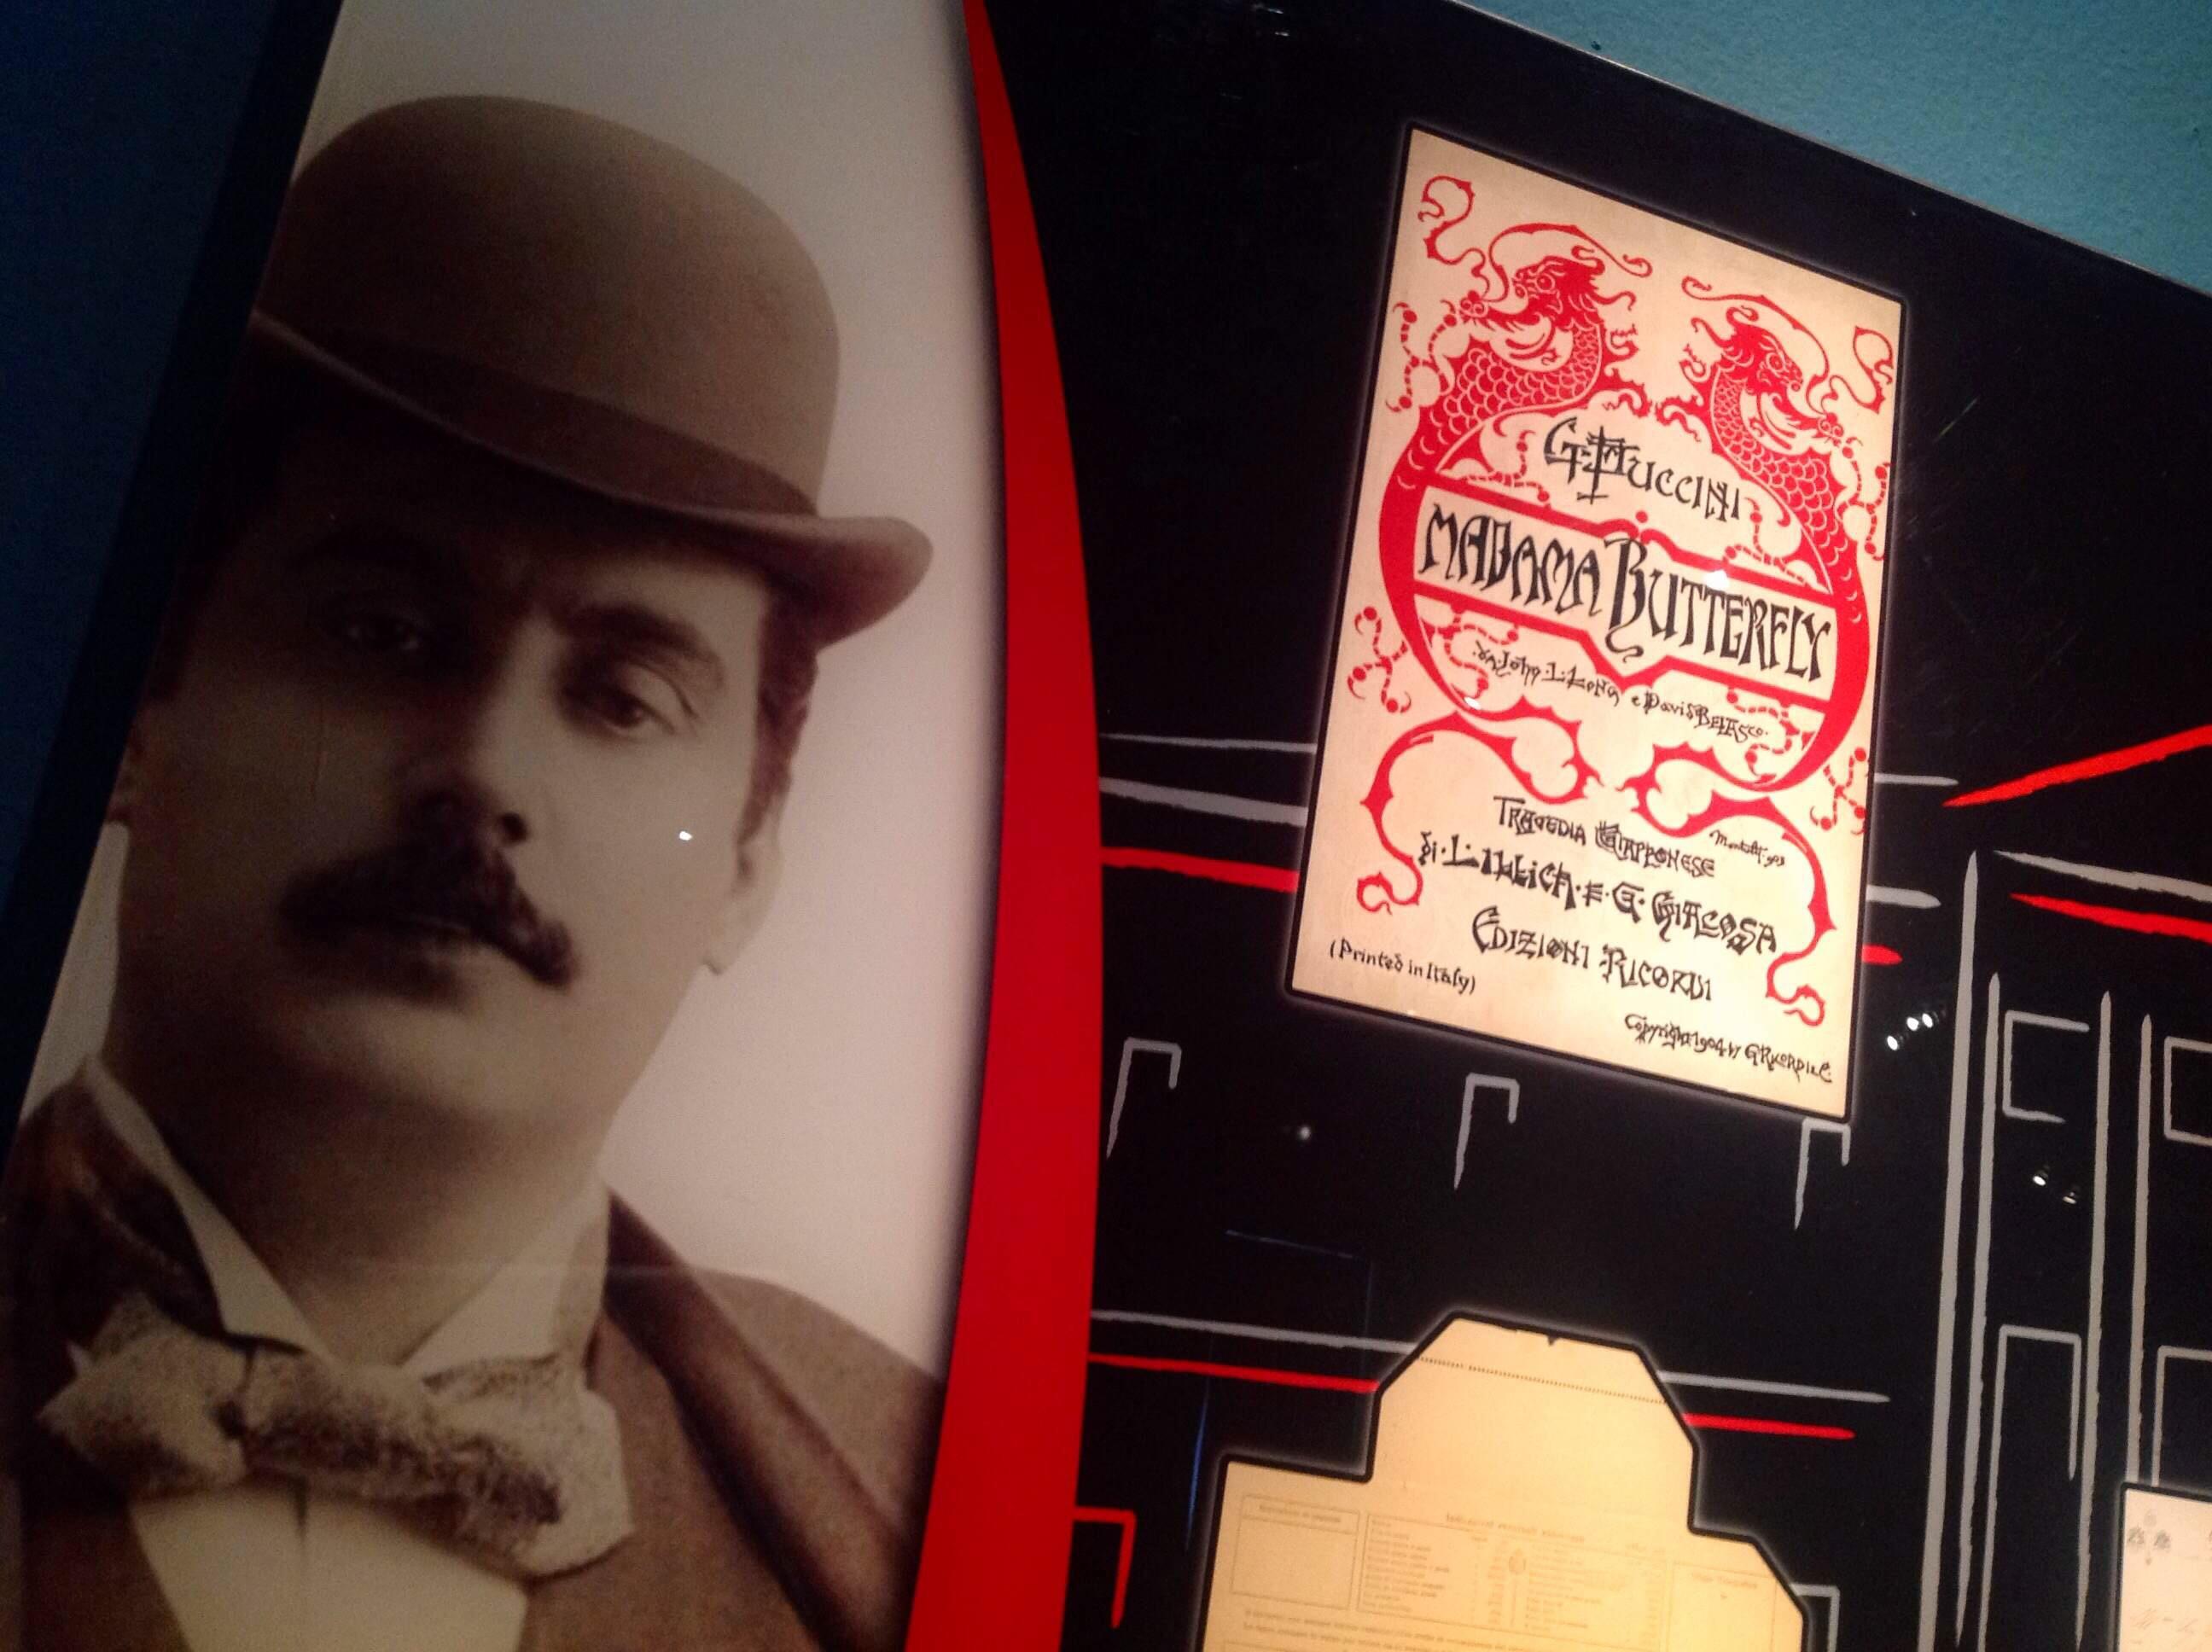 Puccini, el huésped distinguido de Mérida